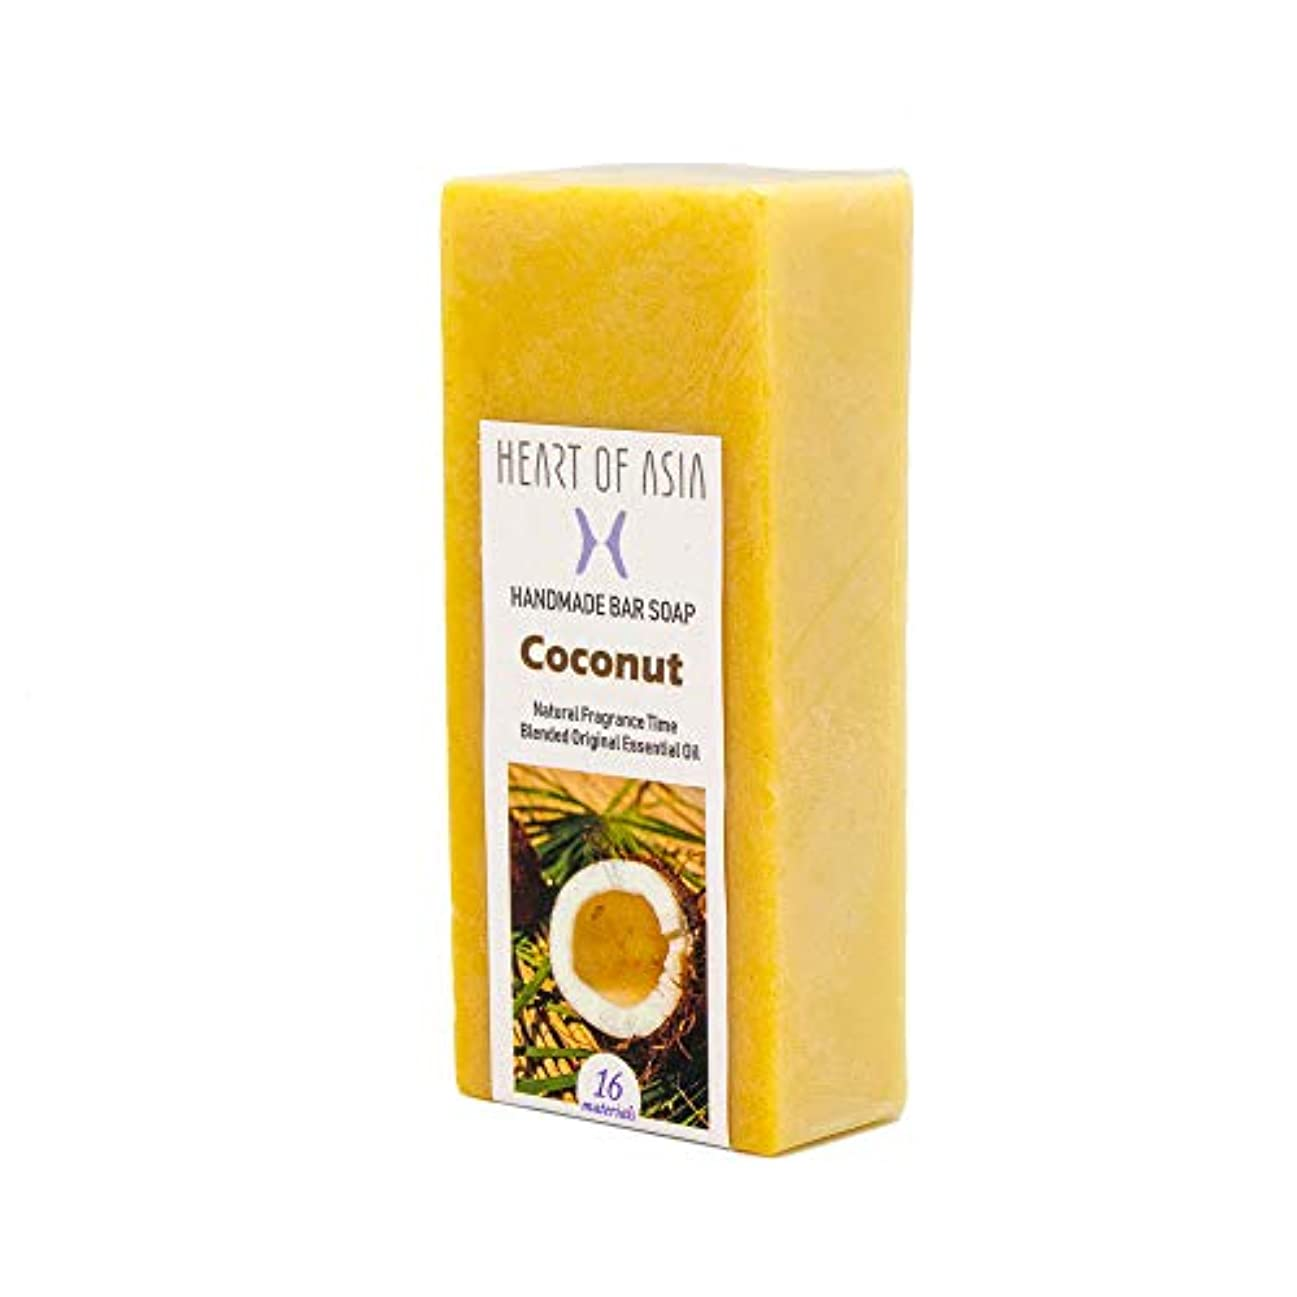 ボア小康差し引く香水のようなフレグランス石けん HANDMADE BAR SOAP ~Coconut ~ (単品)